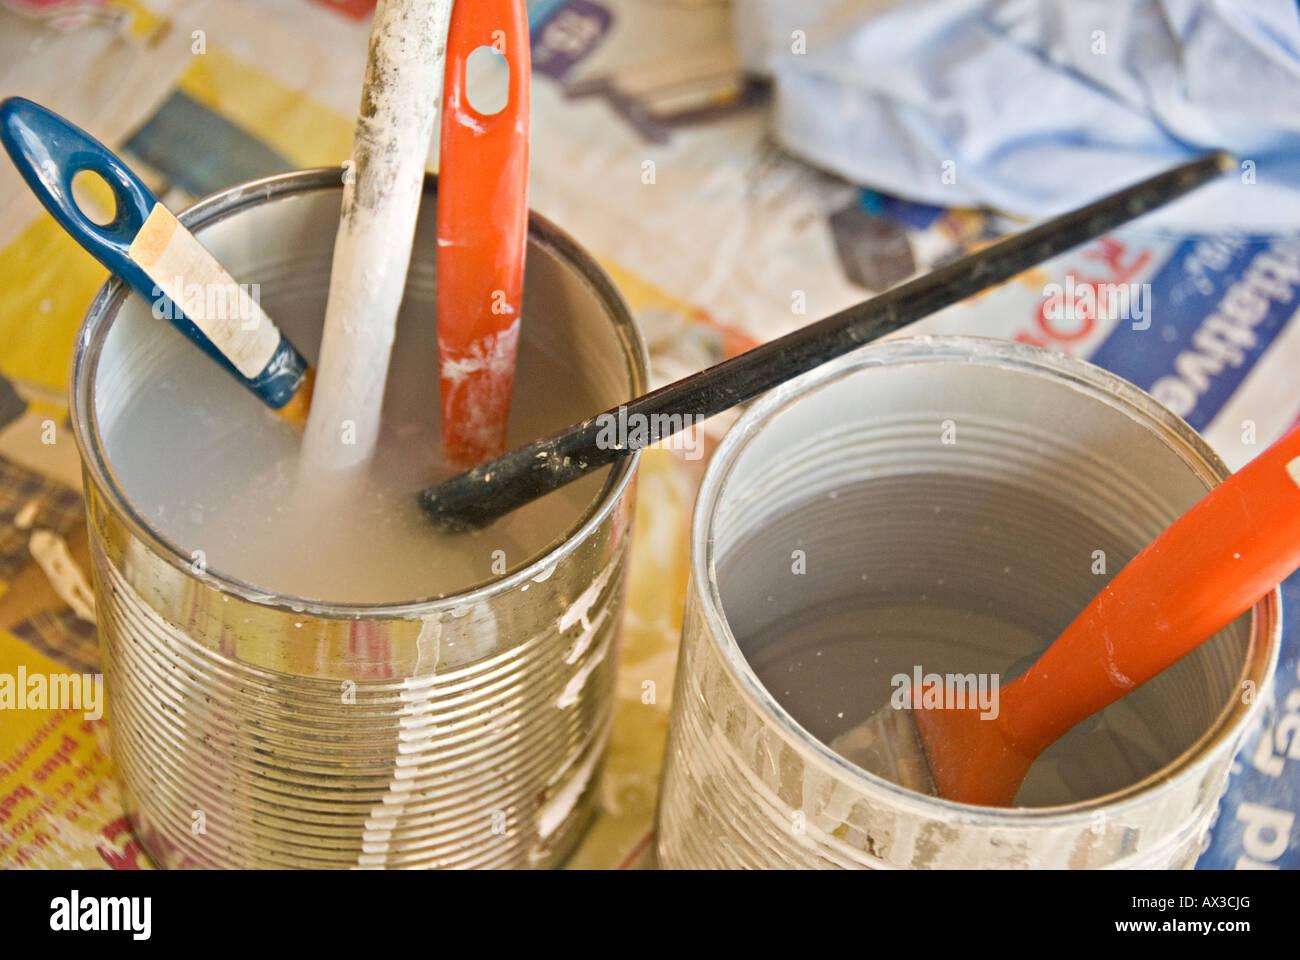 Pinceles empapar en latas de agua Imagen De Stock